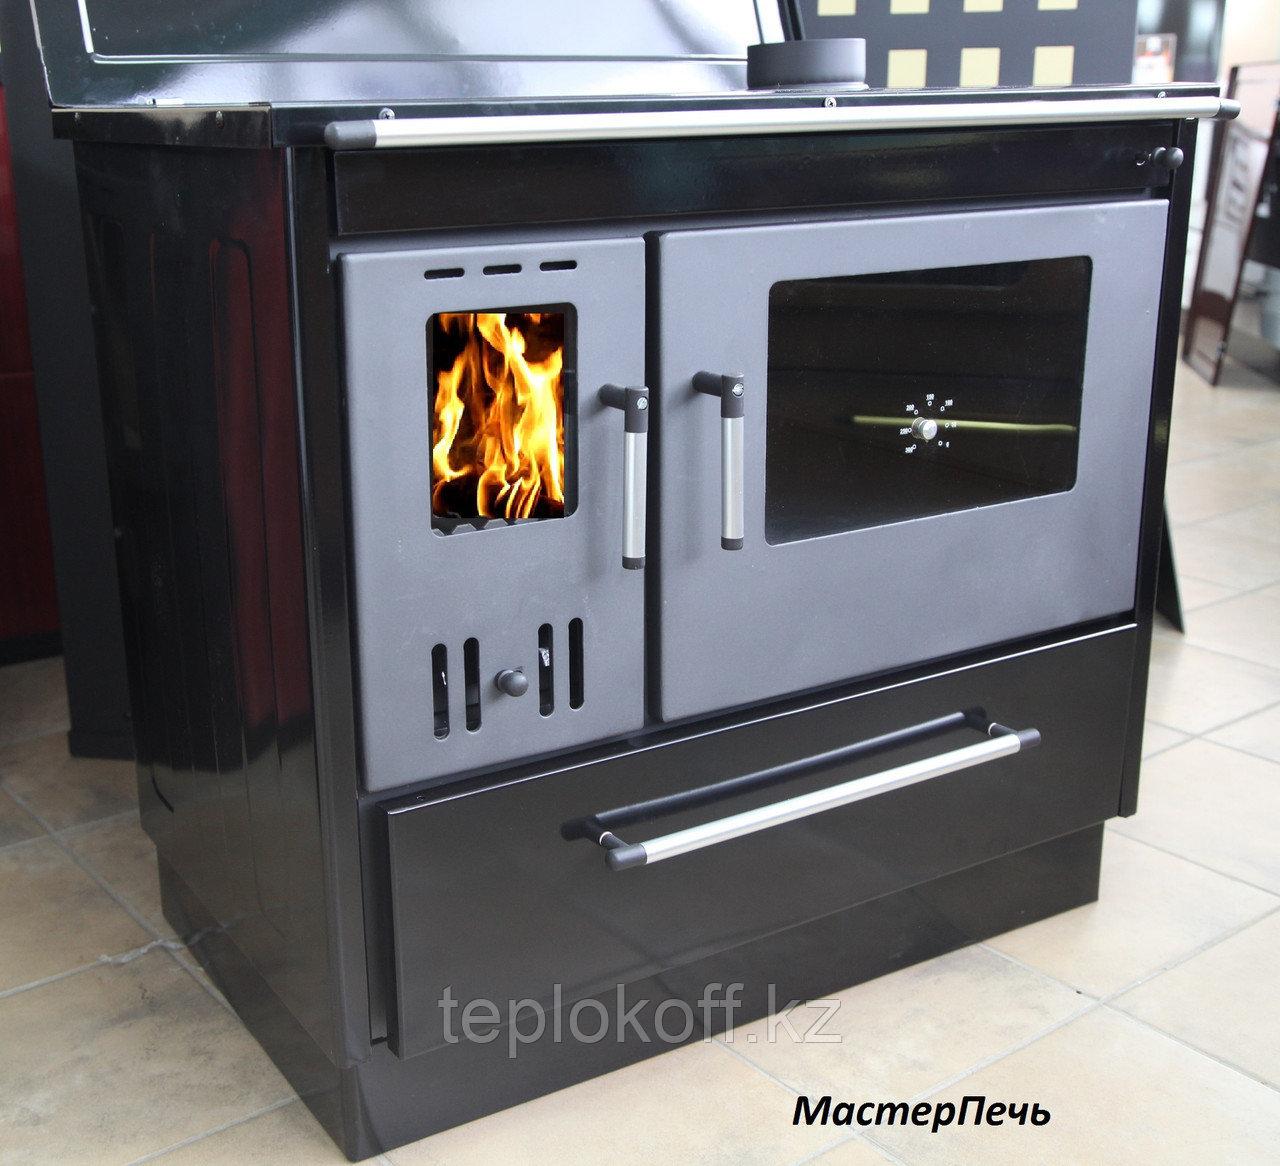 Отопительно-варочная печь с духовкой Мастерпечь ПВ-02